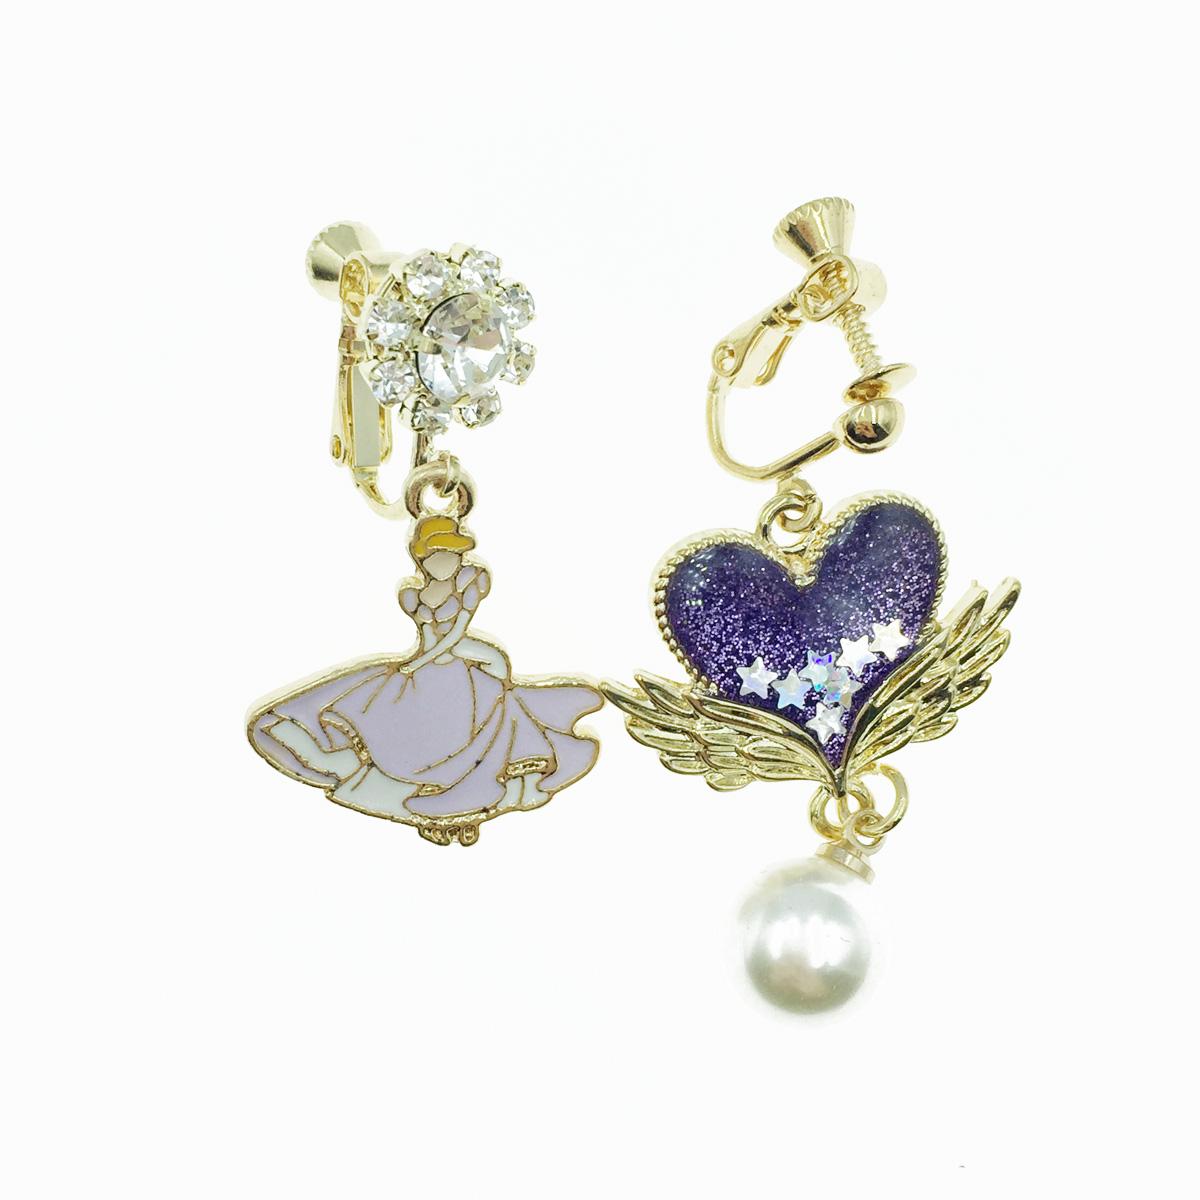 韓國 不對稱 公主 翅膀愛心 水鑽 珍珠 垂墜感 夾式耳環